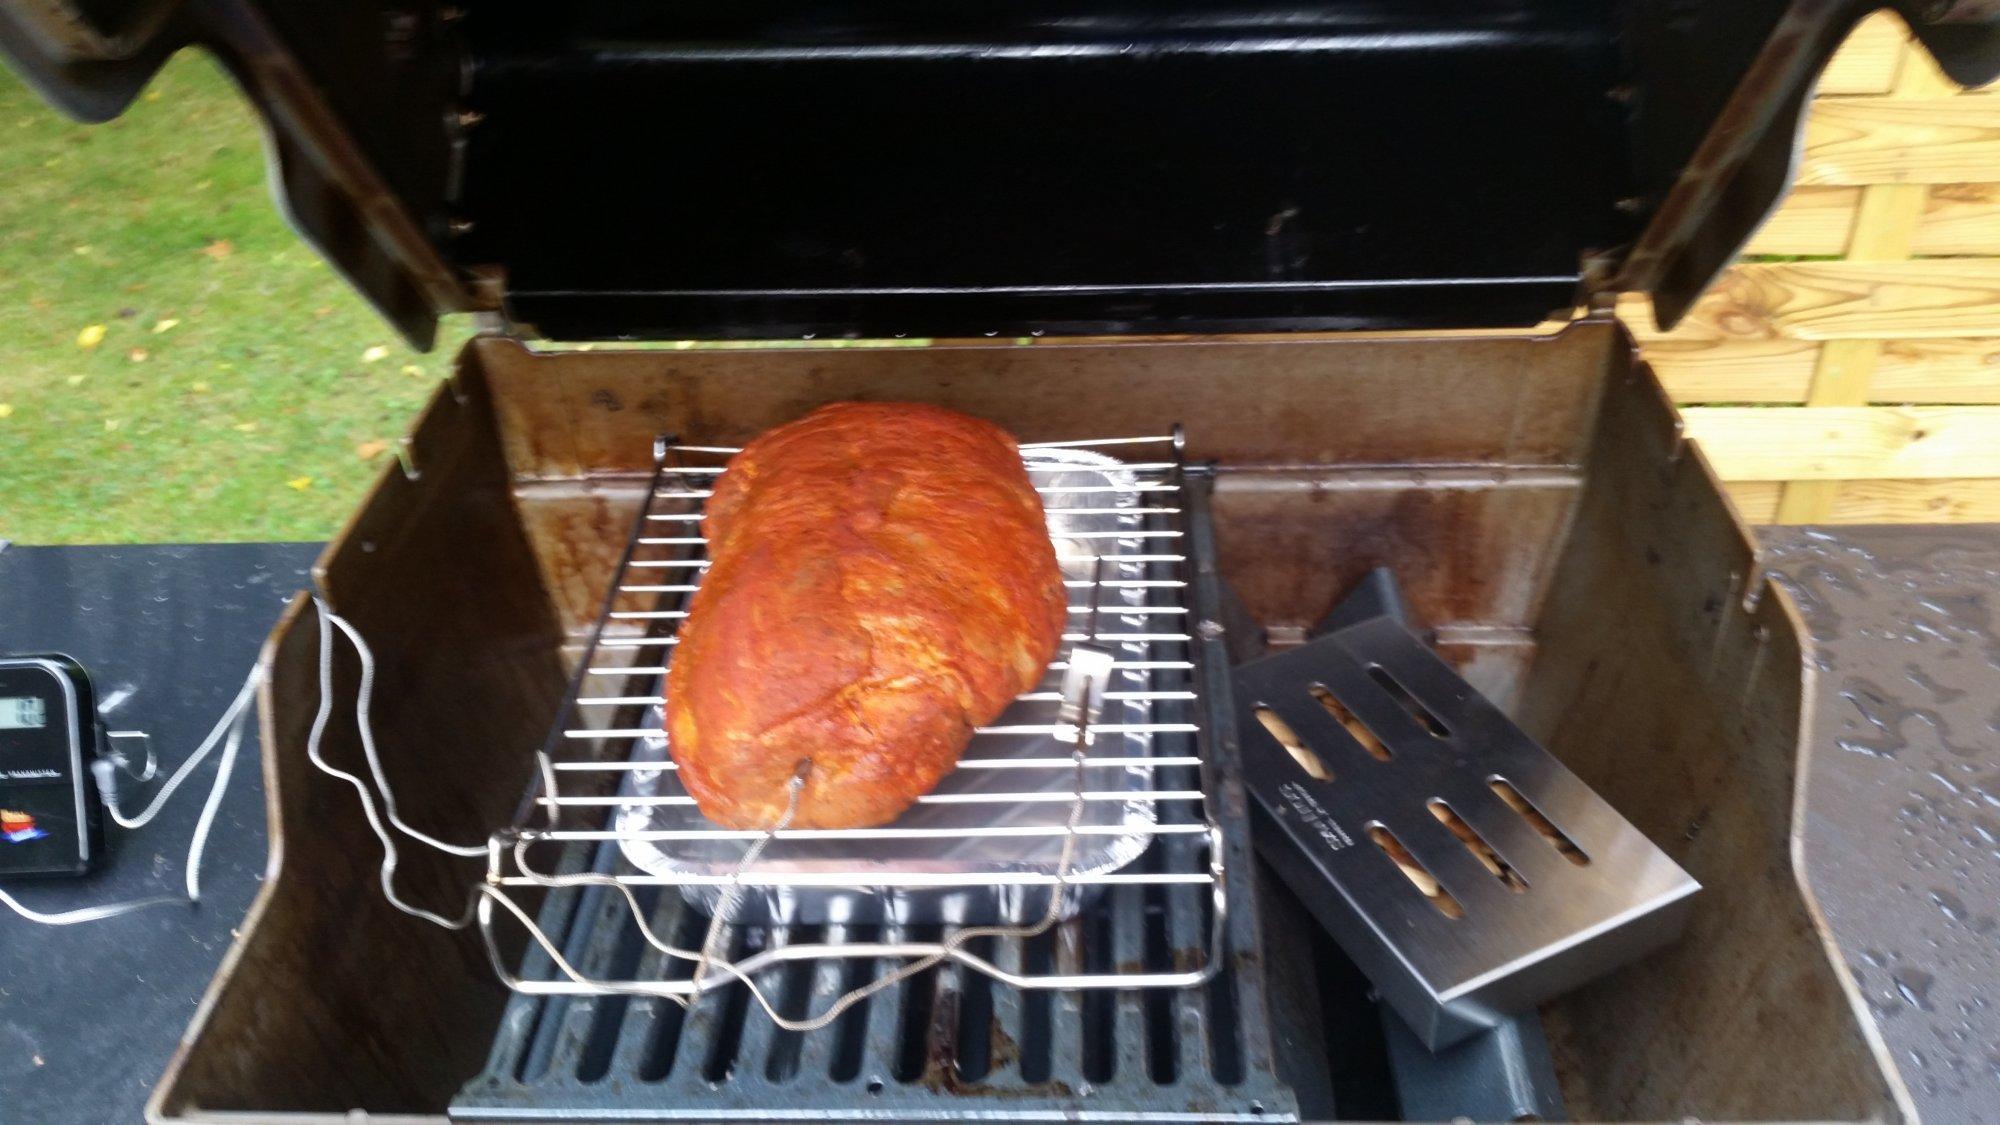 Pulled Pork Gasgrill Grillsportverein : Versuch: pulled pork in 6 stunden grillforum und bbq www